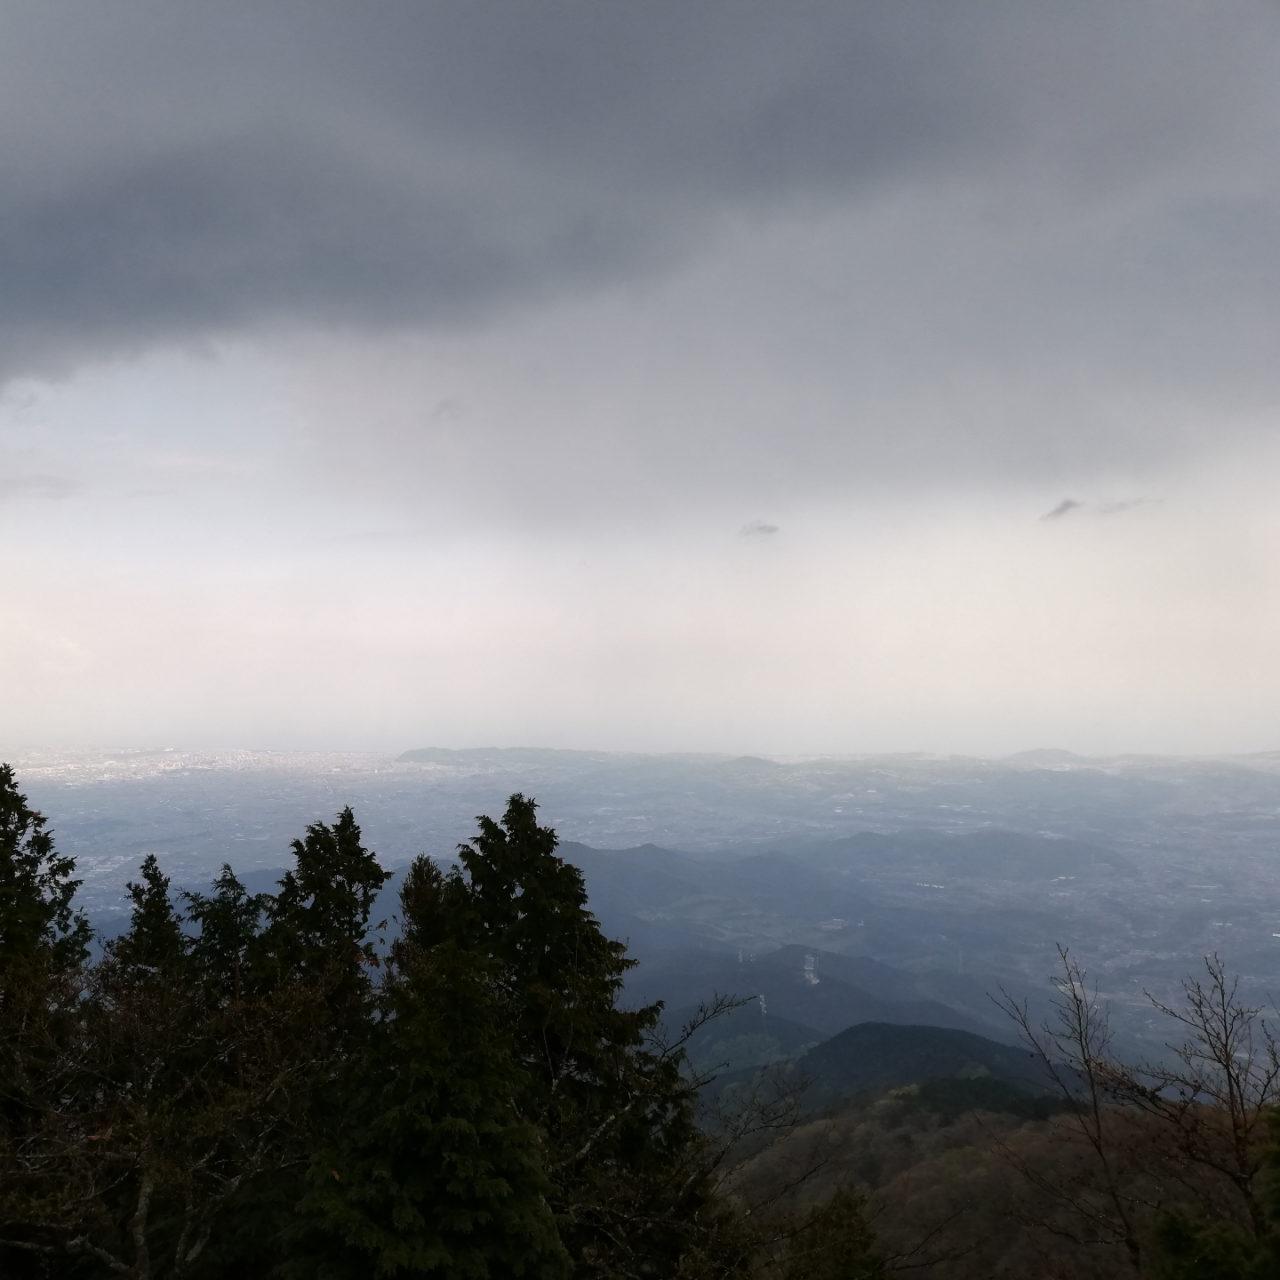 大山の頂上付近が曇っている